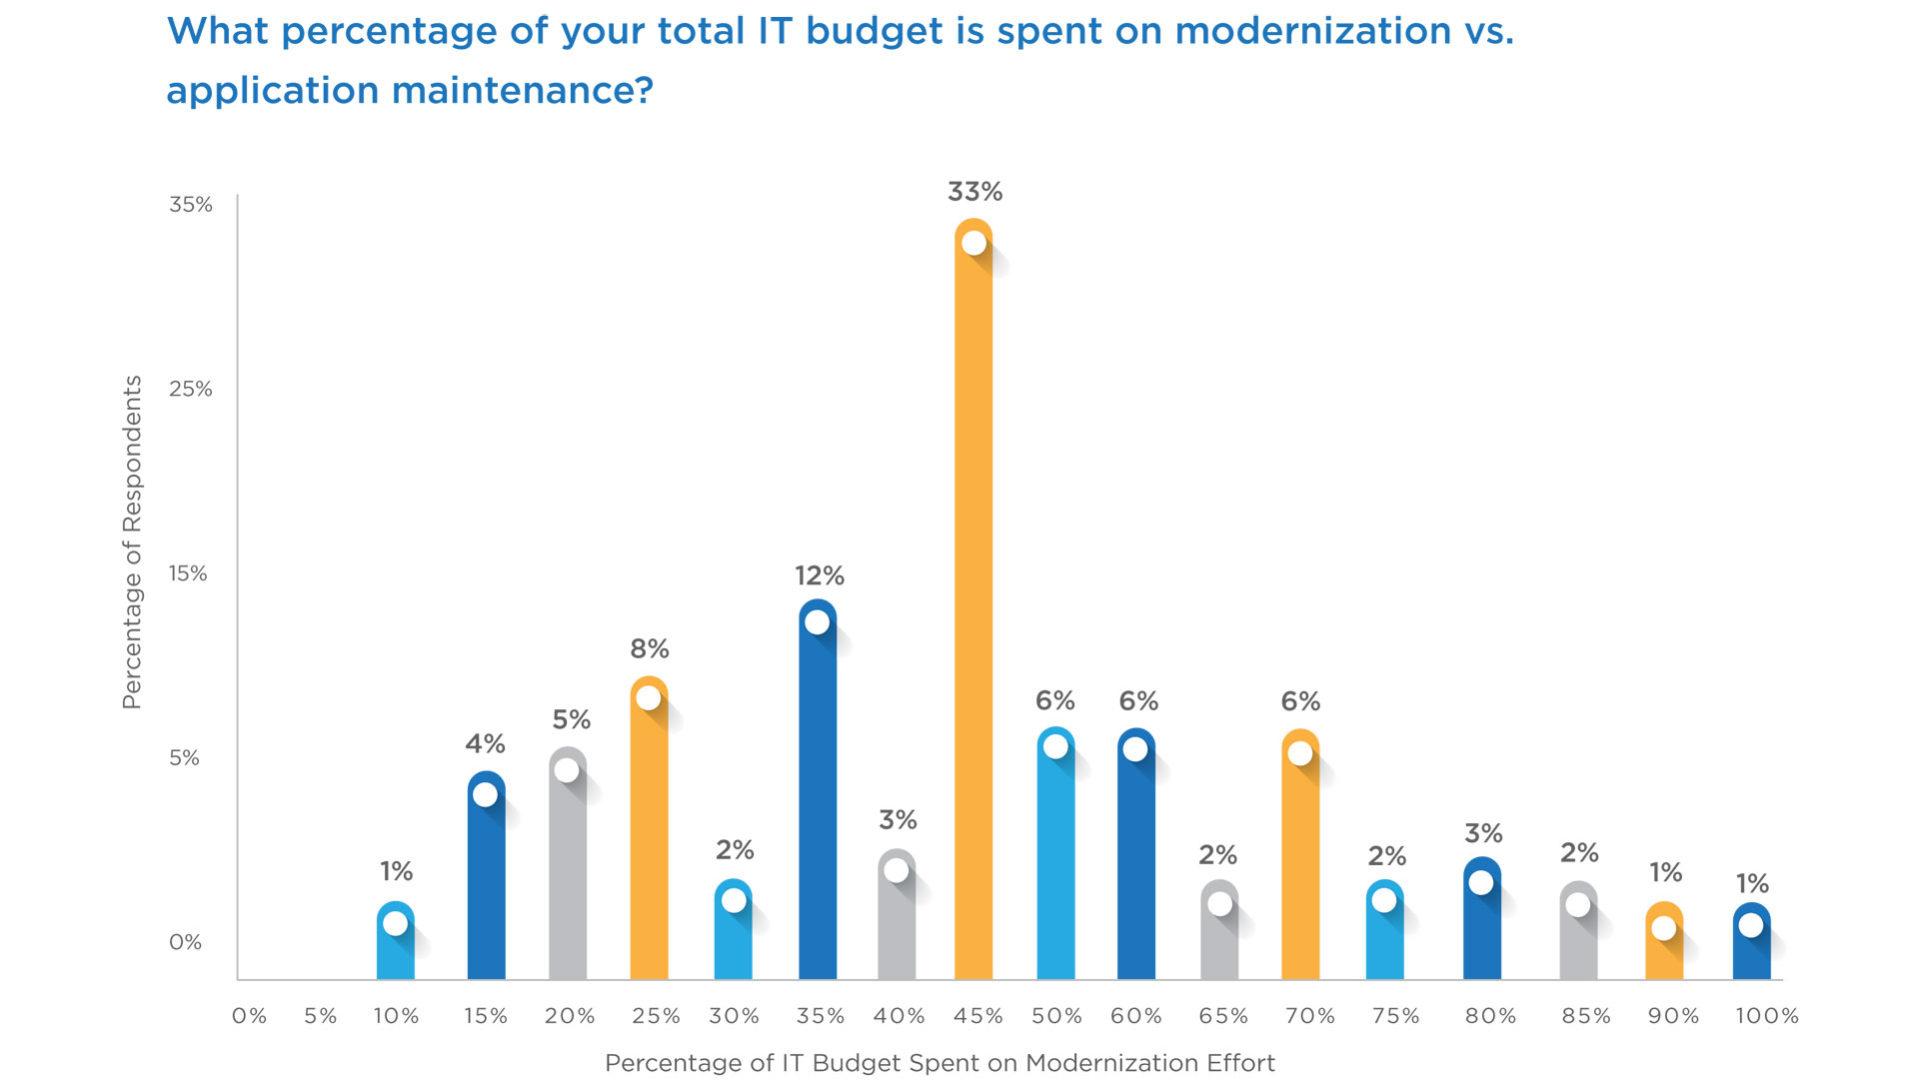 Figura 2 - L'inconsistenza dei dati sulle attività di design e manutenzione, e sui loro costi, incide sulle strategie di modernizzazione - Fonte: oftware Intelligence Report, Cast